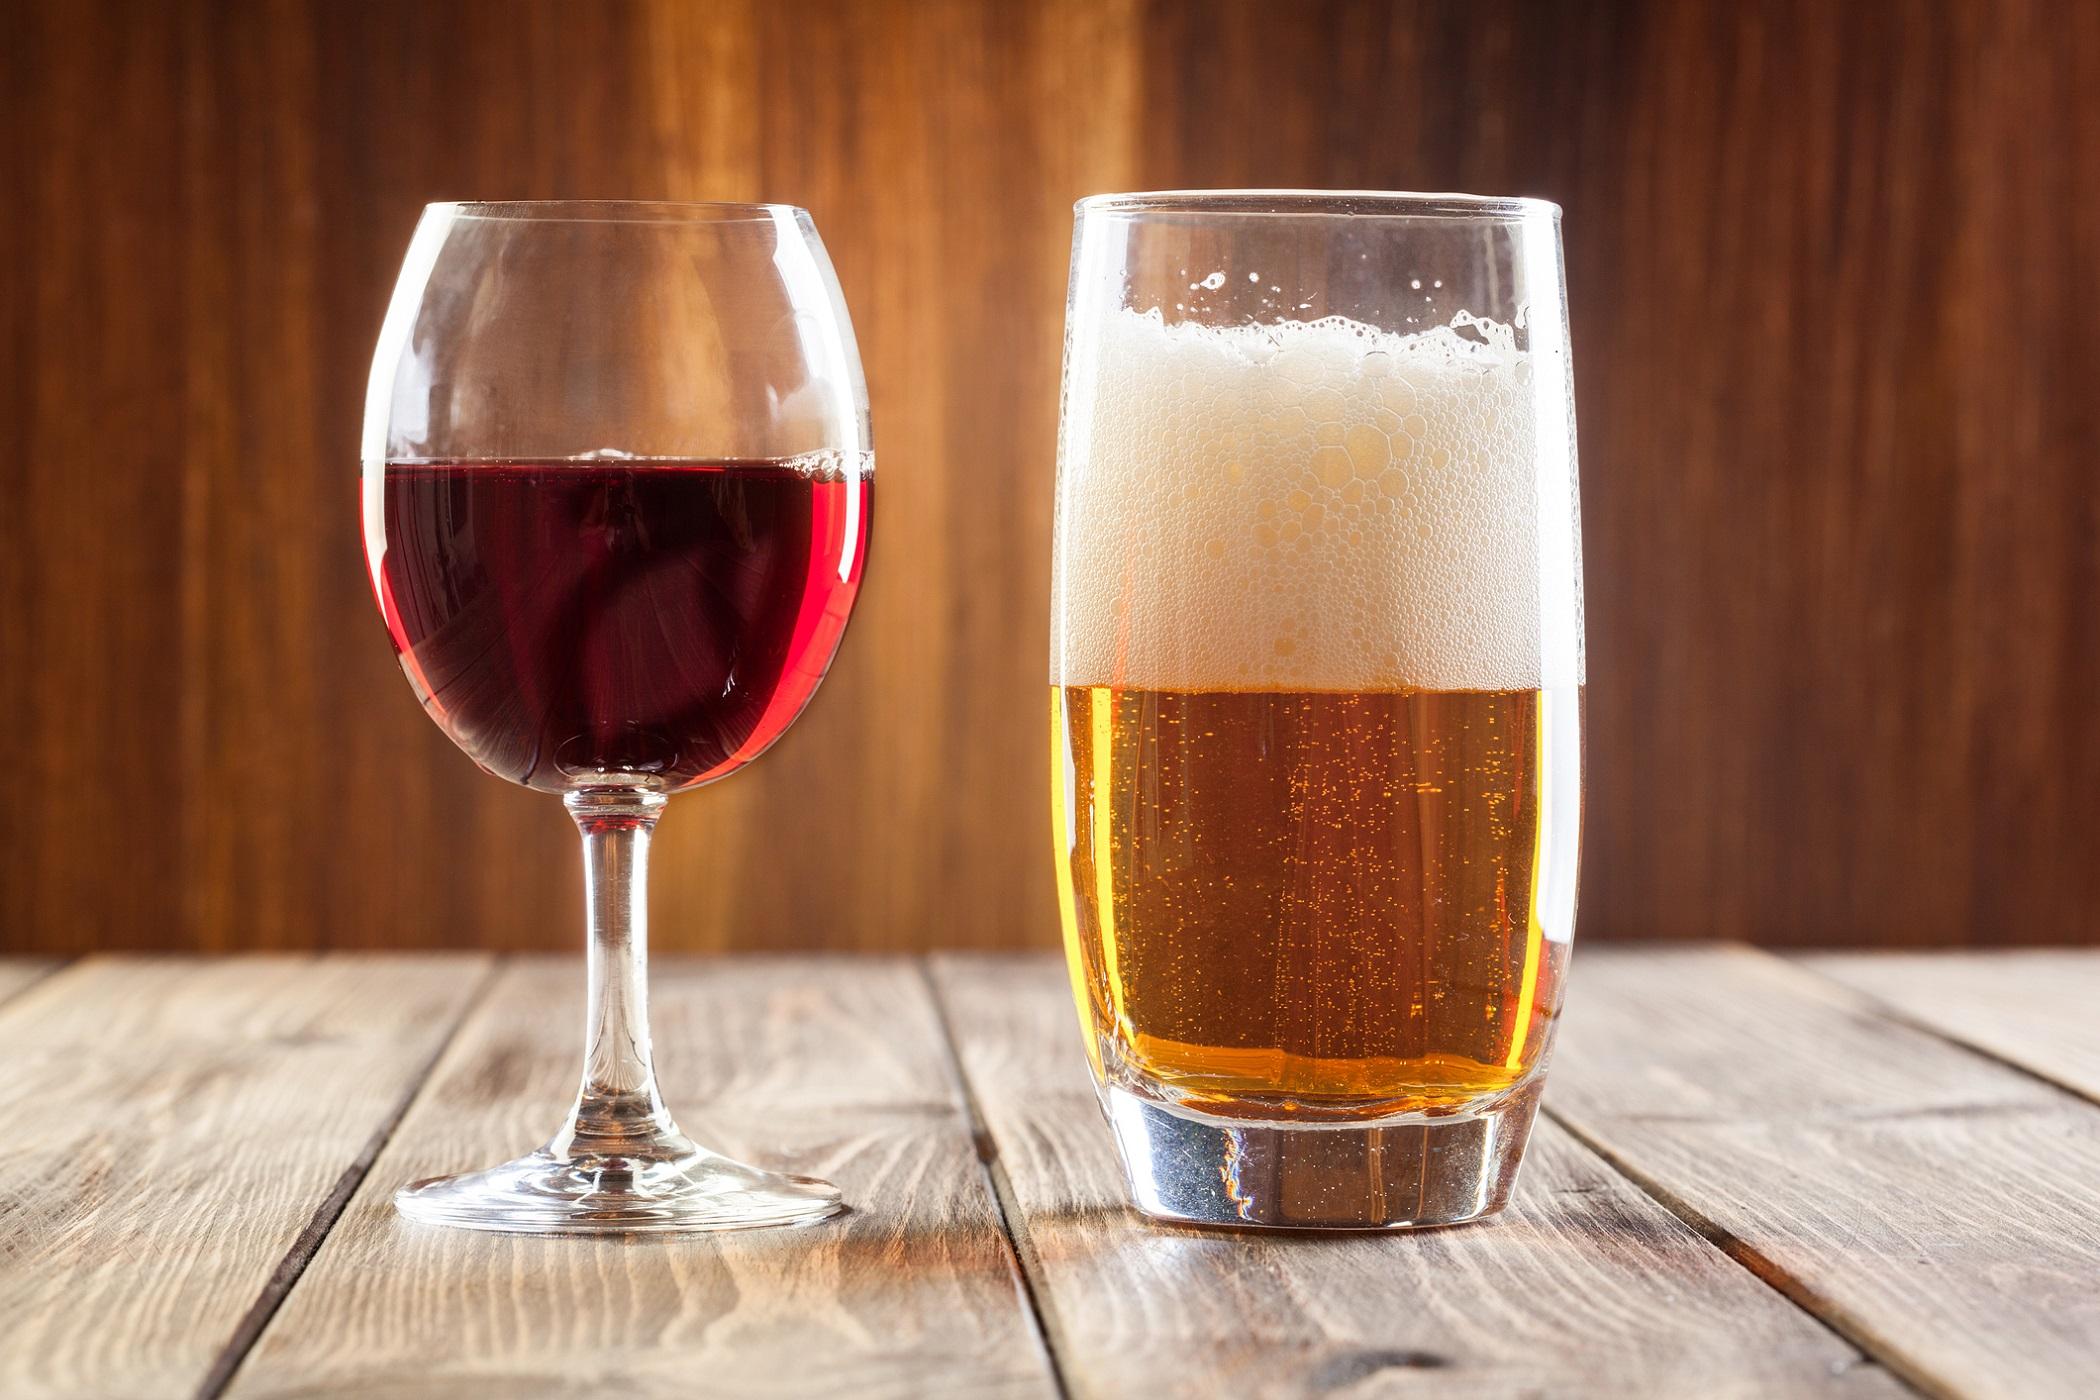 Øl eller rødvin?